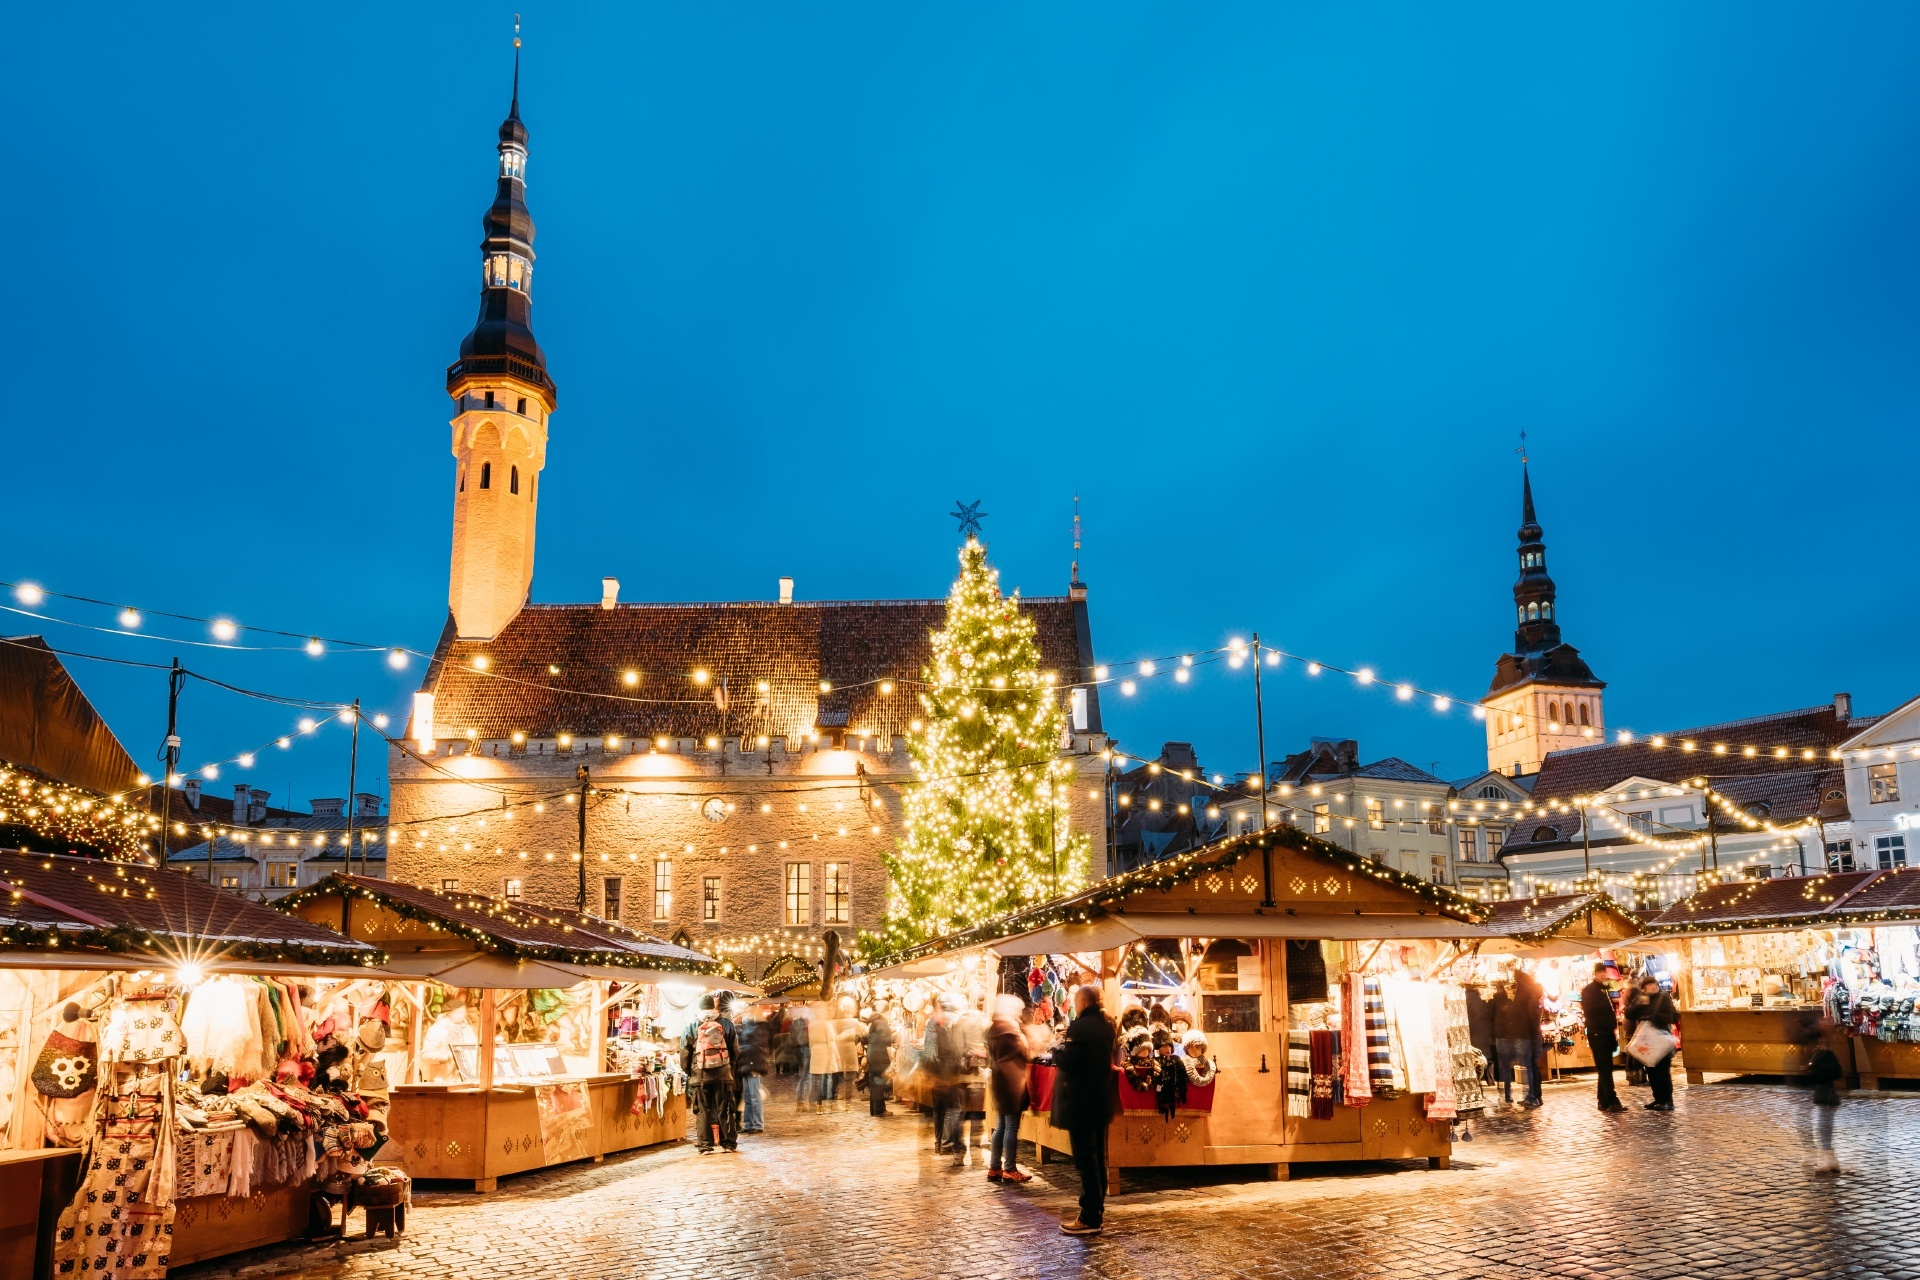 タリン旧市庁舎とラエコヤ広場のクリスマスの風景 エストニアの風景